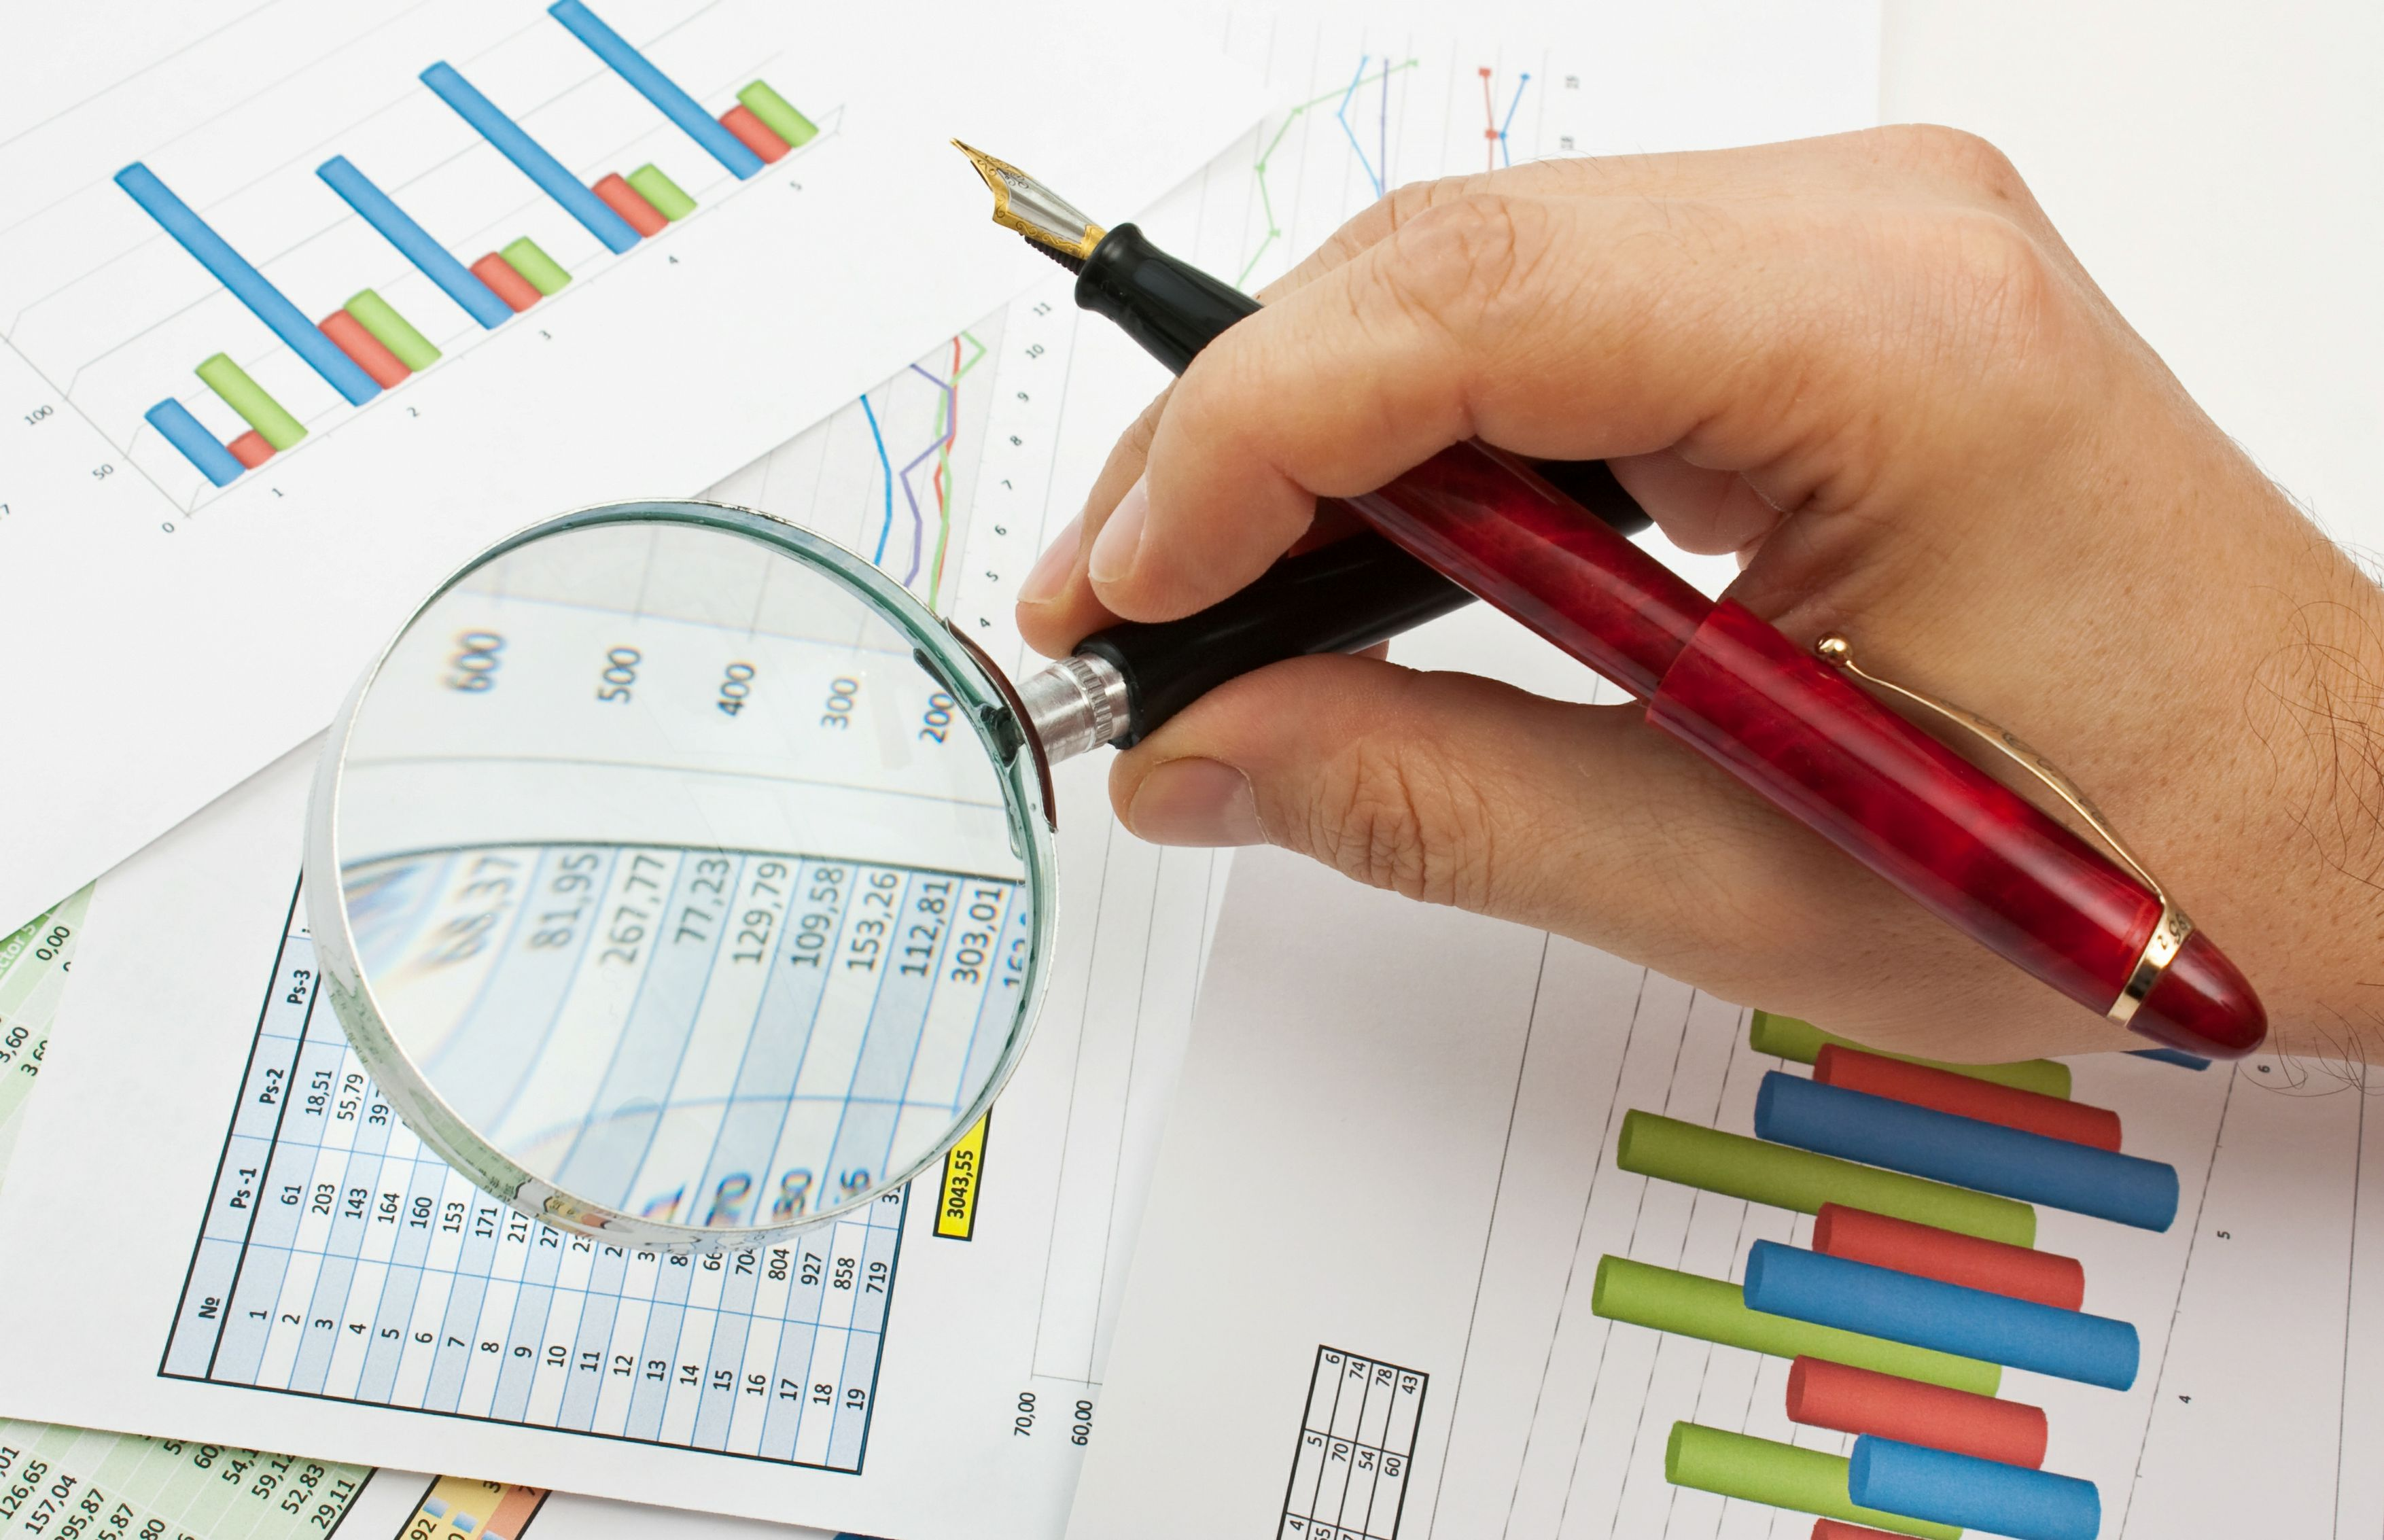 格隆汇港股聚焦(2.19)︱中金公司获阿里巴巴集团增持18.15亿港元H股 持H股升至11.74%